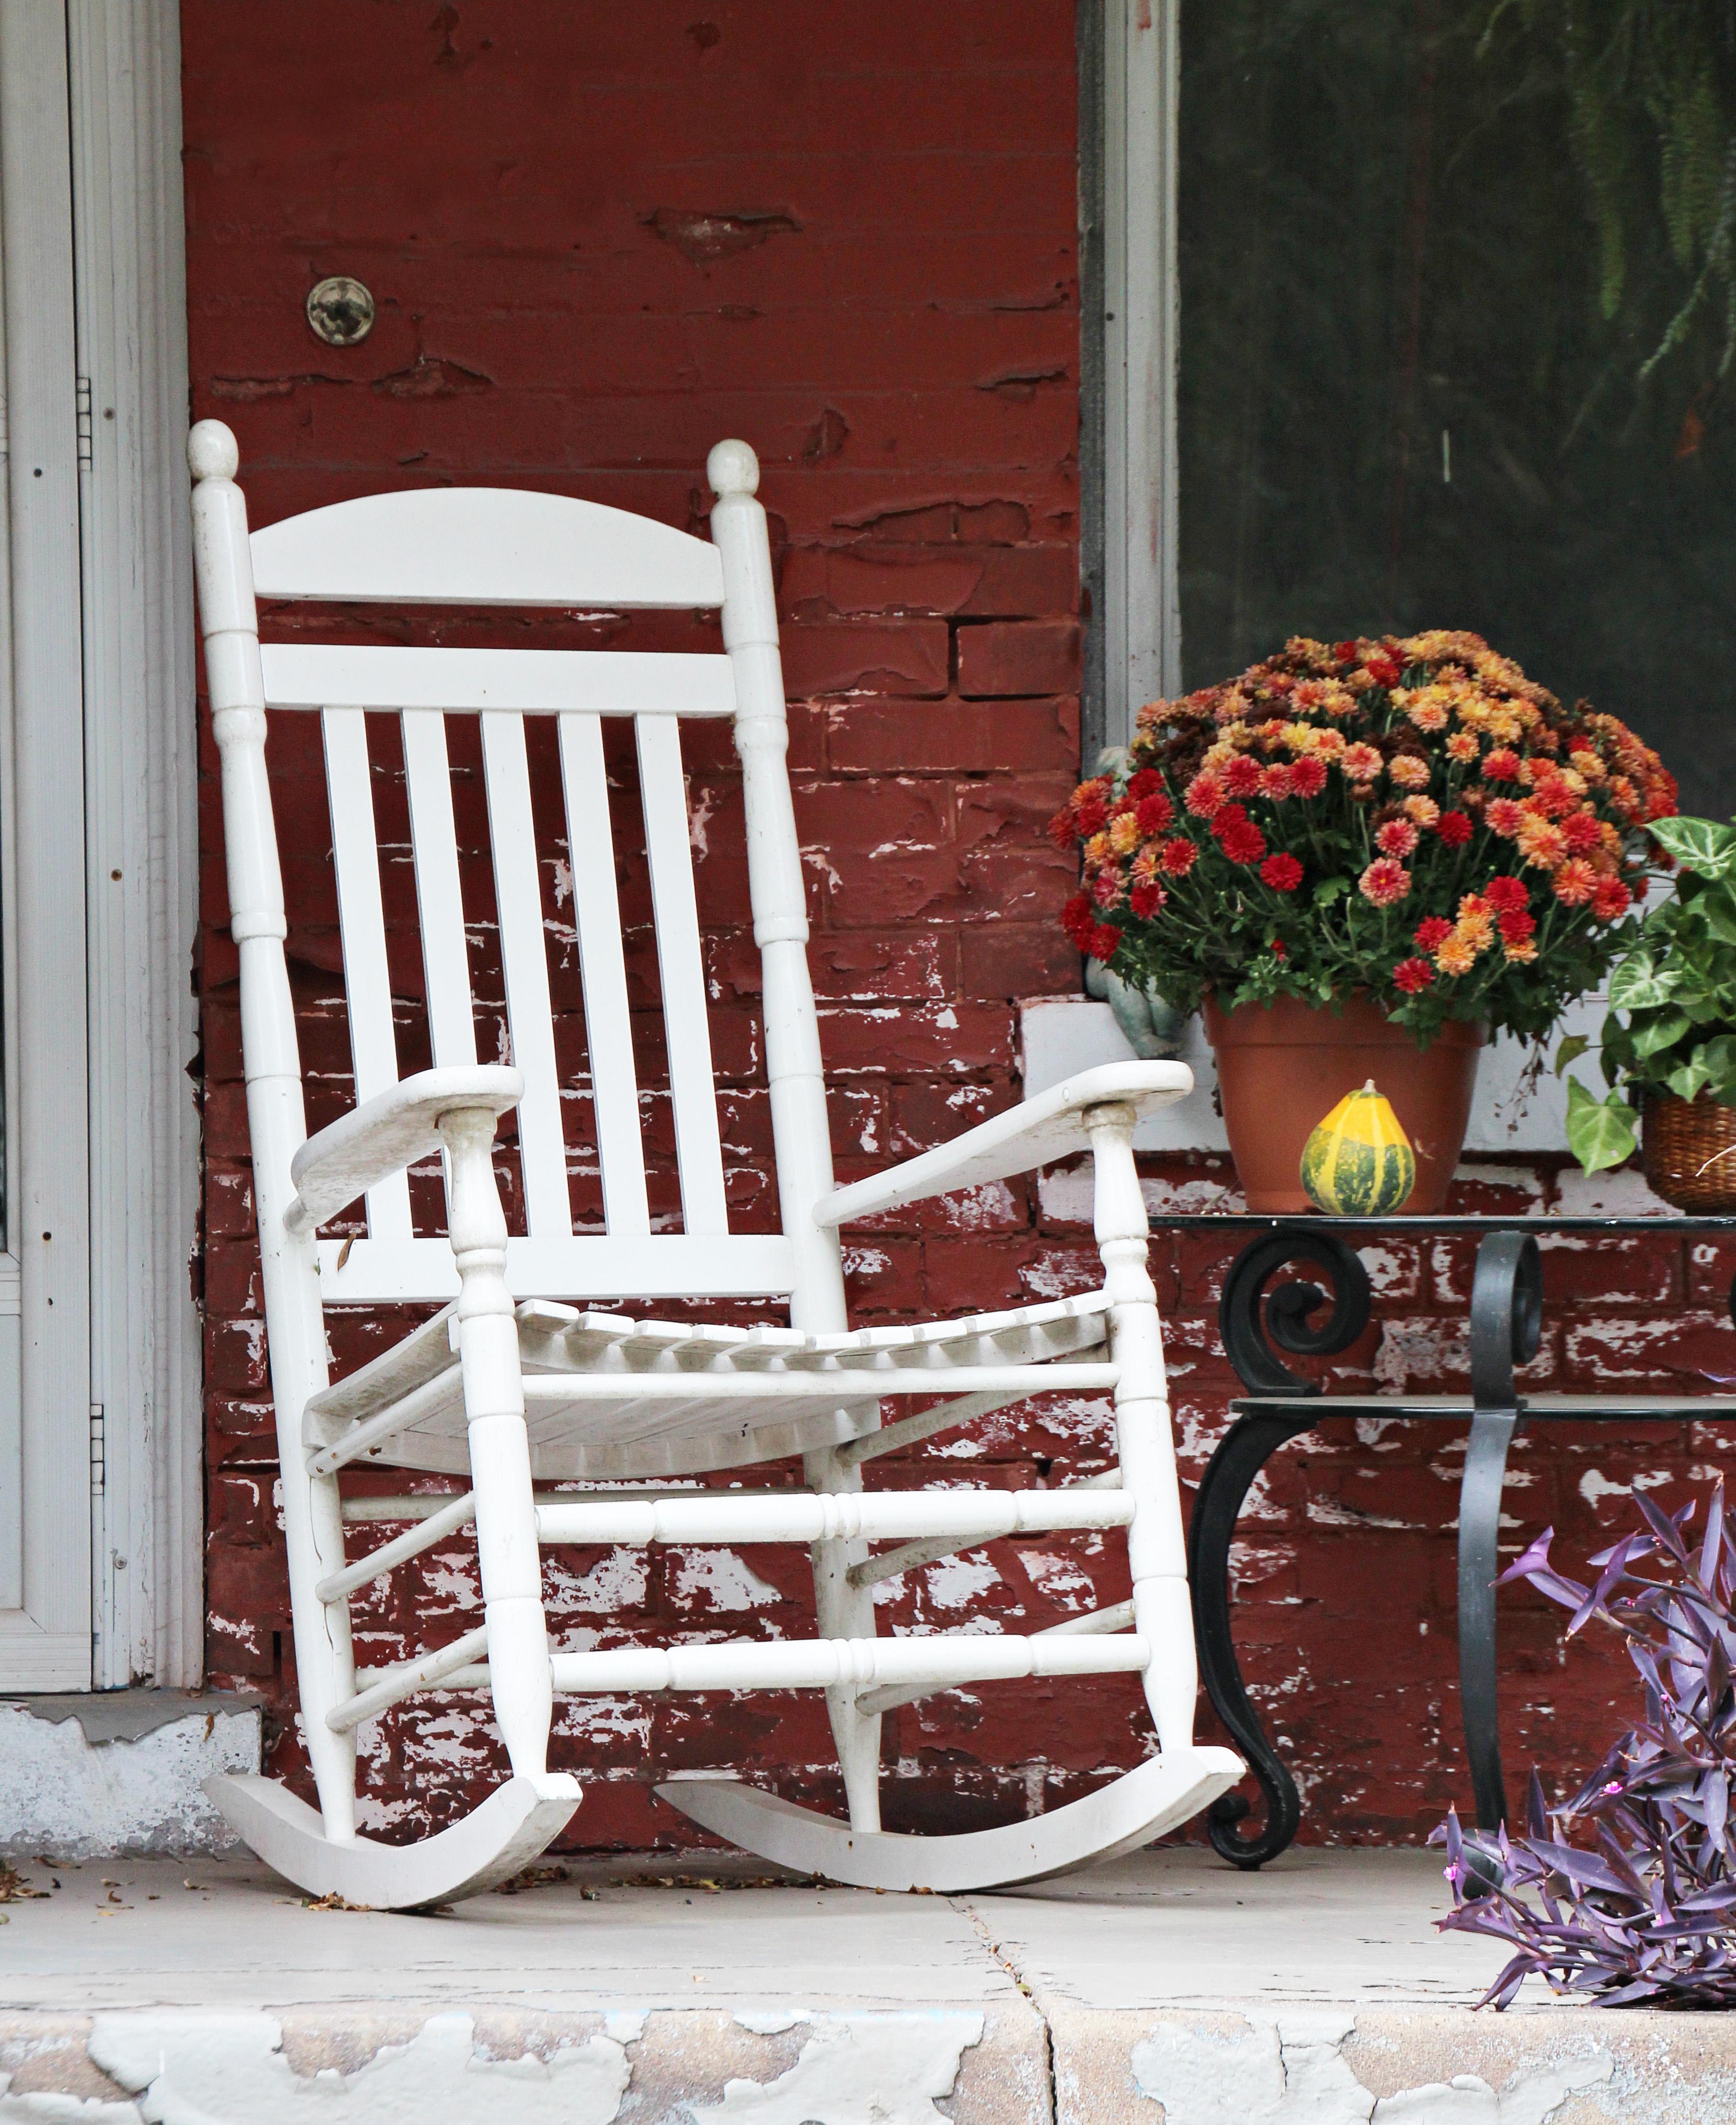 Diseños de sillas hechos por especialistas